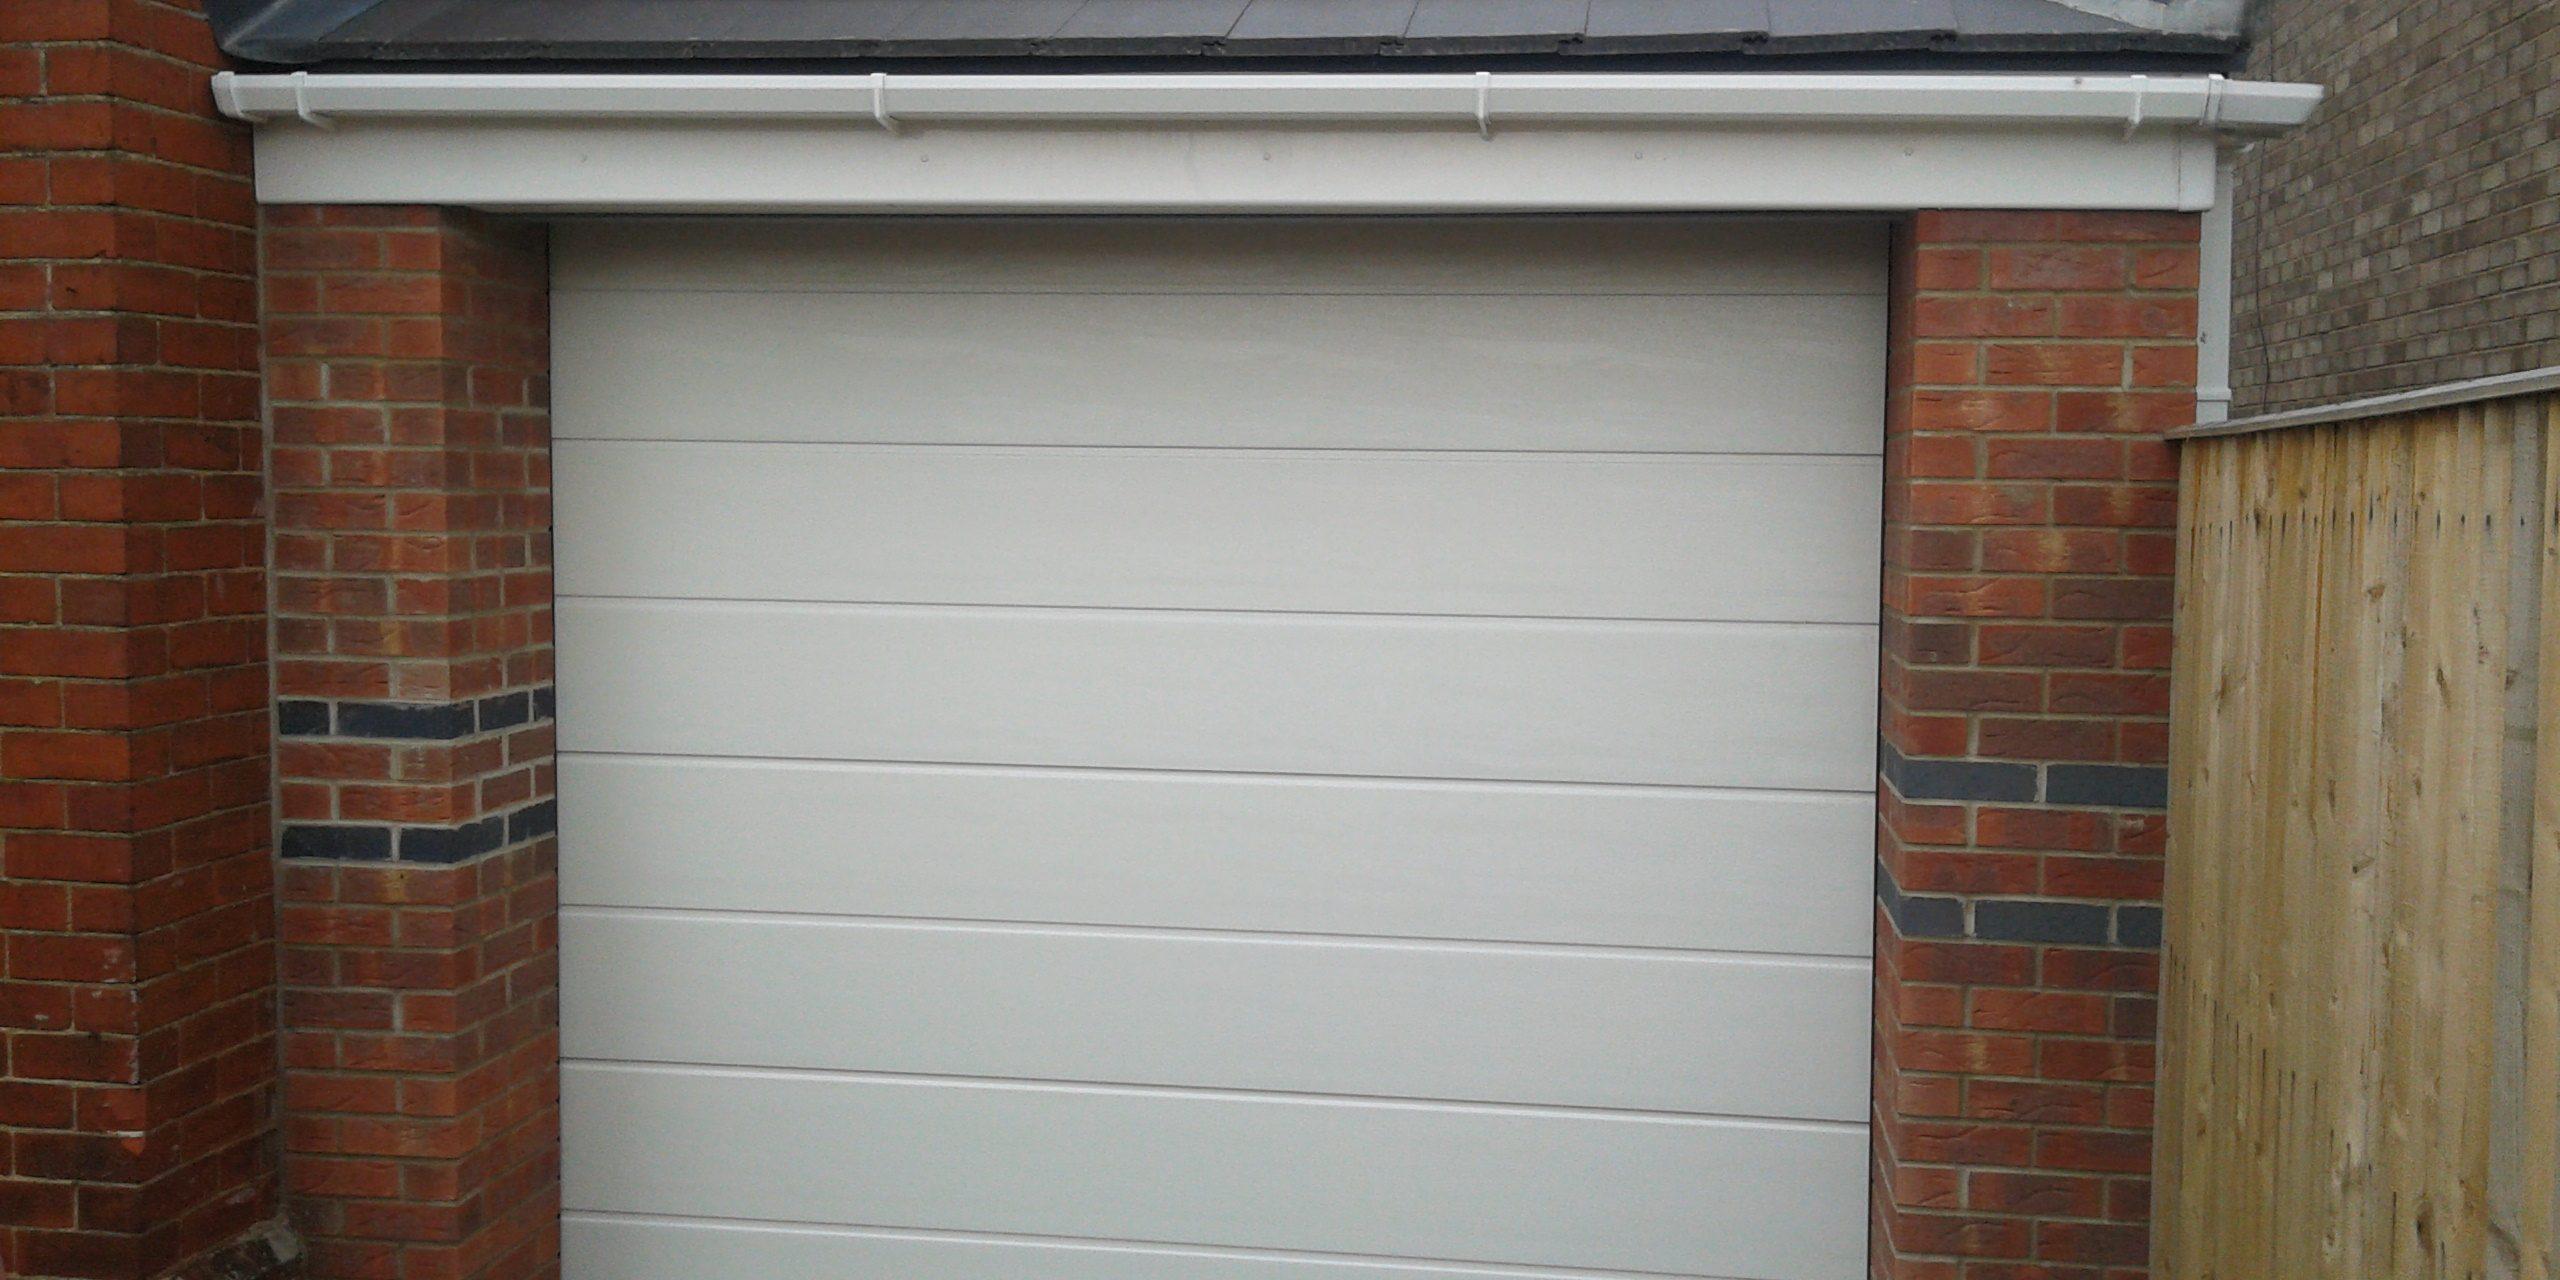 Mrib sectional automatic garage door garage door company grantham single sectonal automatic garage door sleaford full rubansaba